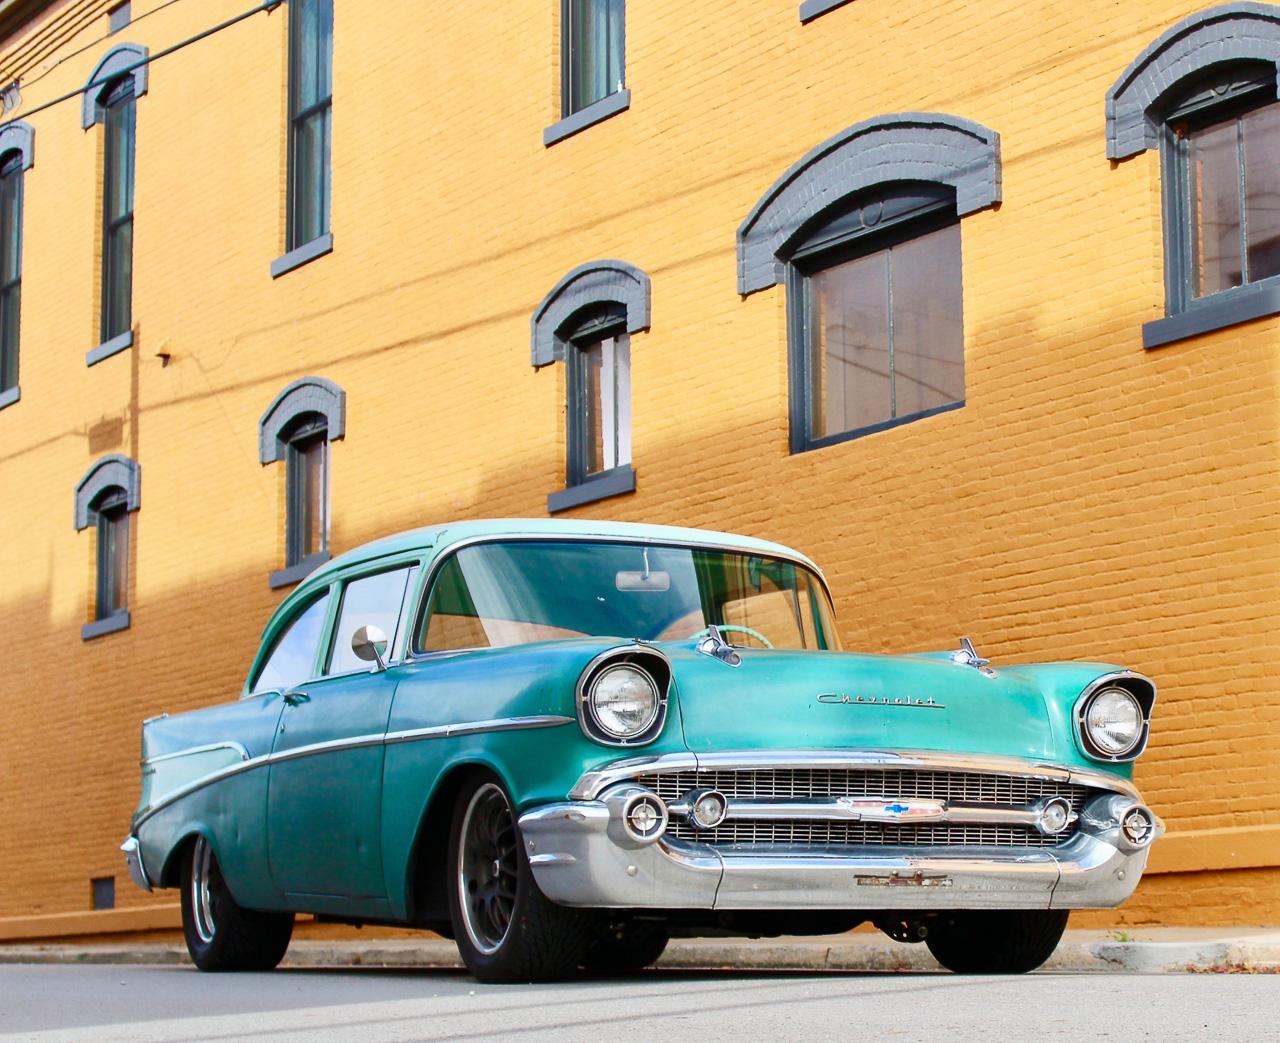 Chevrolet 210 2 Doors Sedan de 1957 en LS1 – Tout ça pour une ceinture… 1